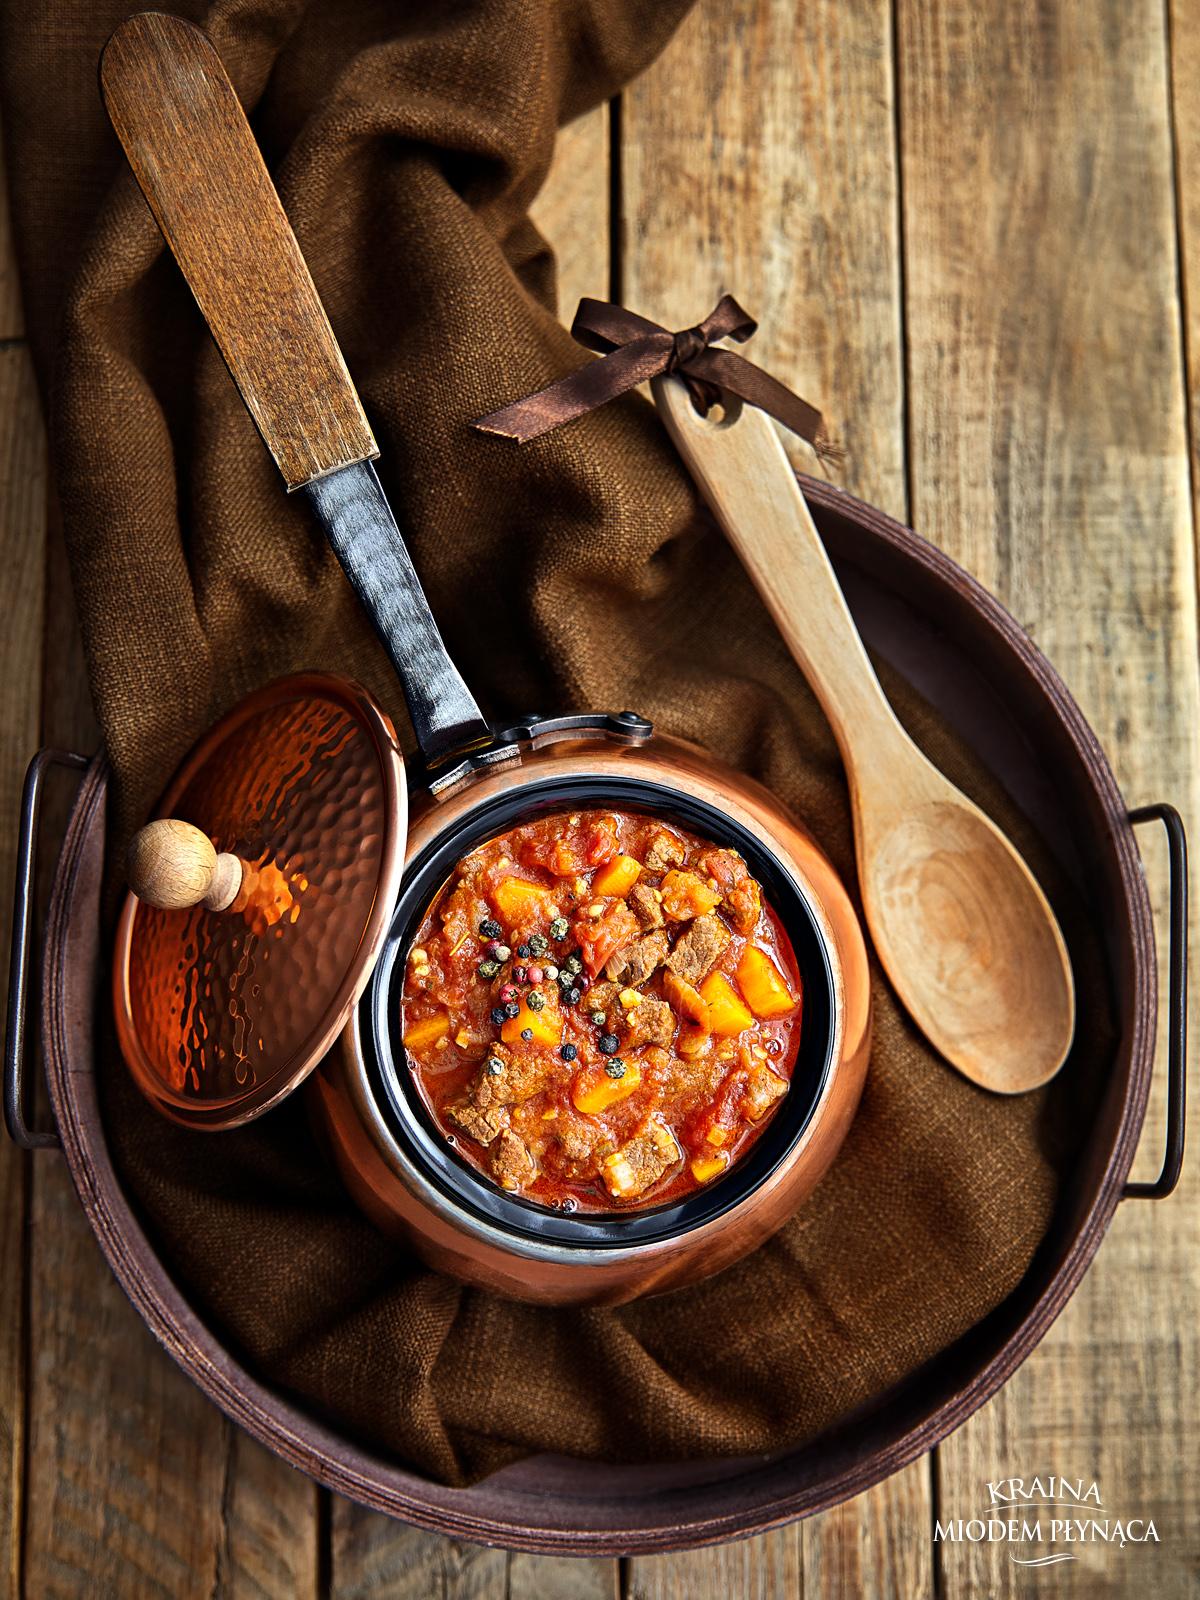 gulasz wołowy z marchewką i świeżymi pomidorami, gulasz mięsny, wołowina w sosie pomidorowym, sos ze świeżych pomidorów, sos do mięsa, mięso w sosie, kraina miodem płynąca,